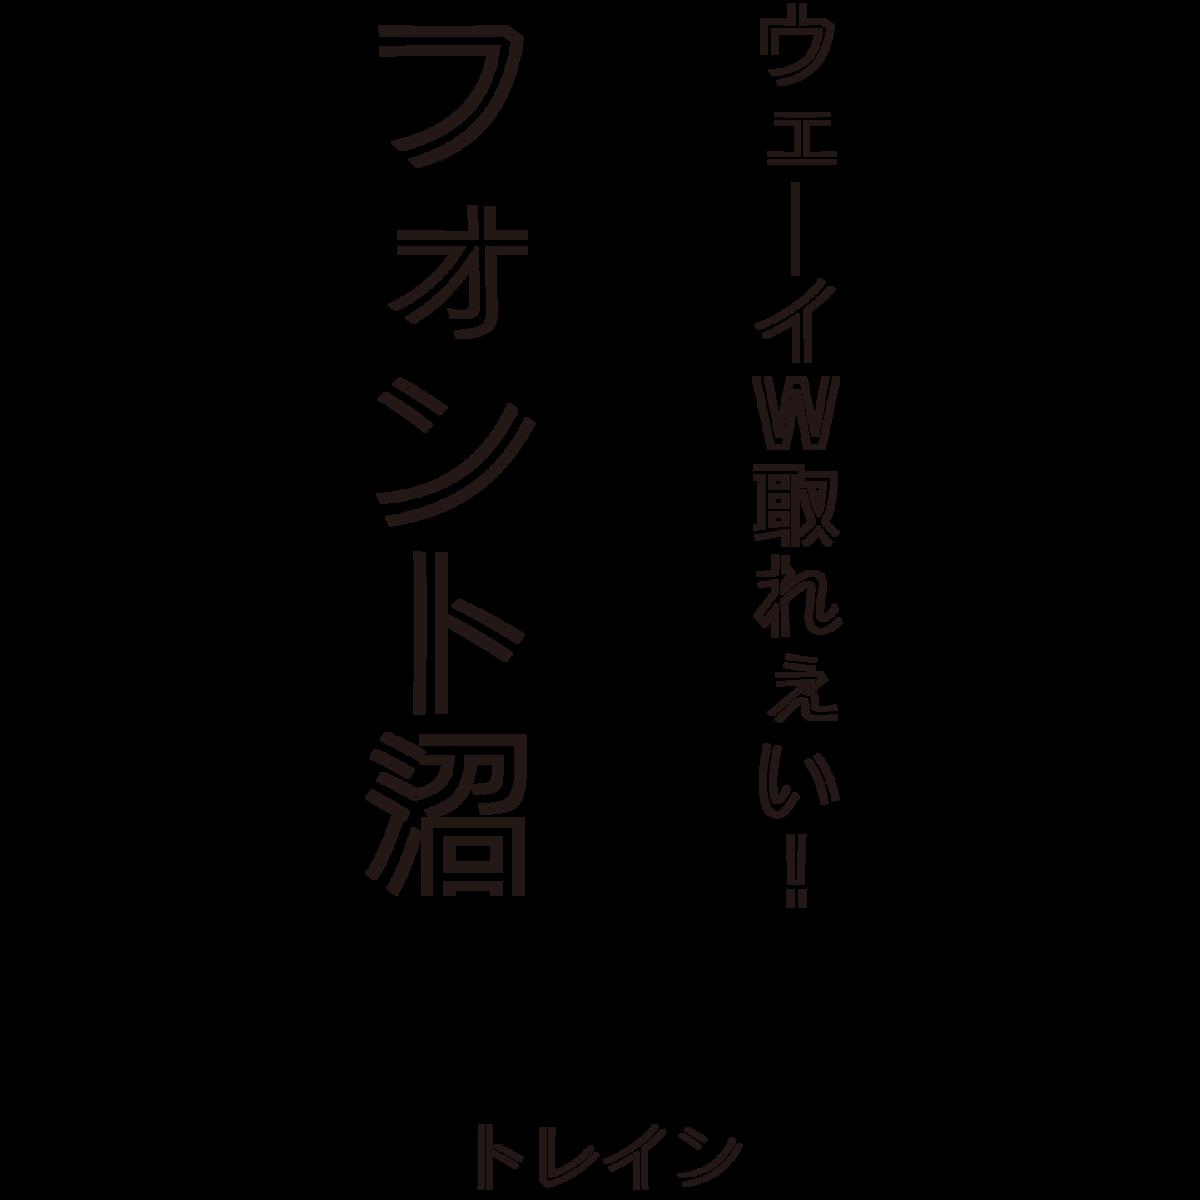 f:id:mojiru:20210124170844p:plain